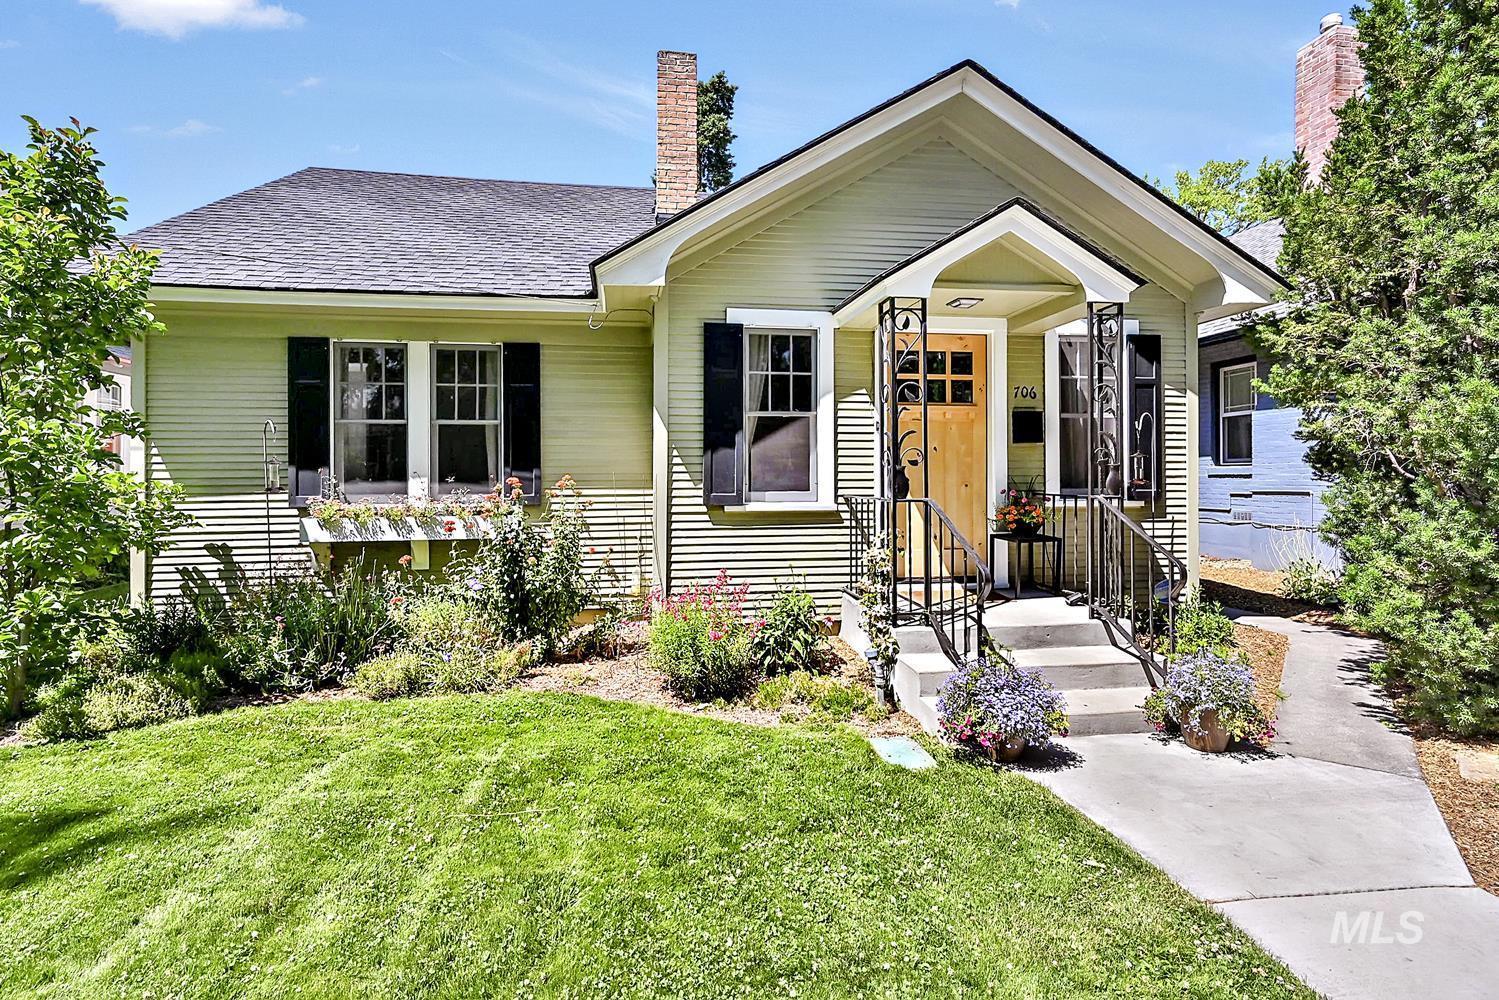 706 W Union St Property Photo